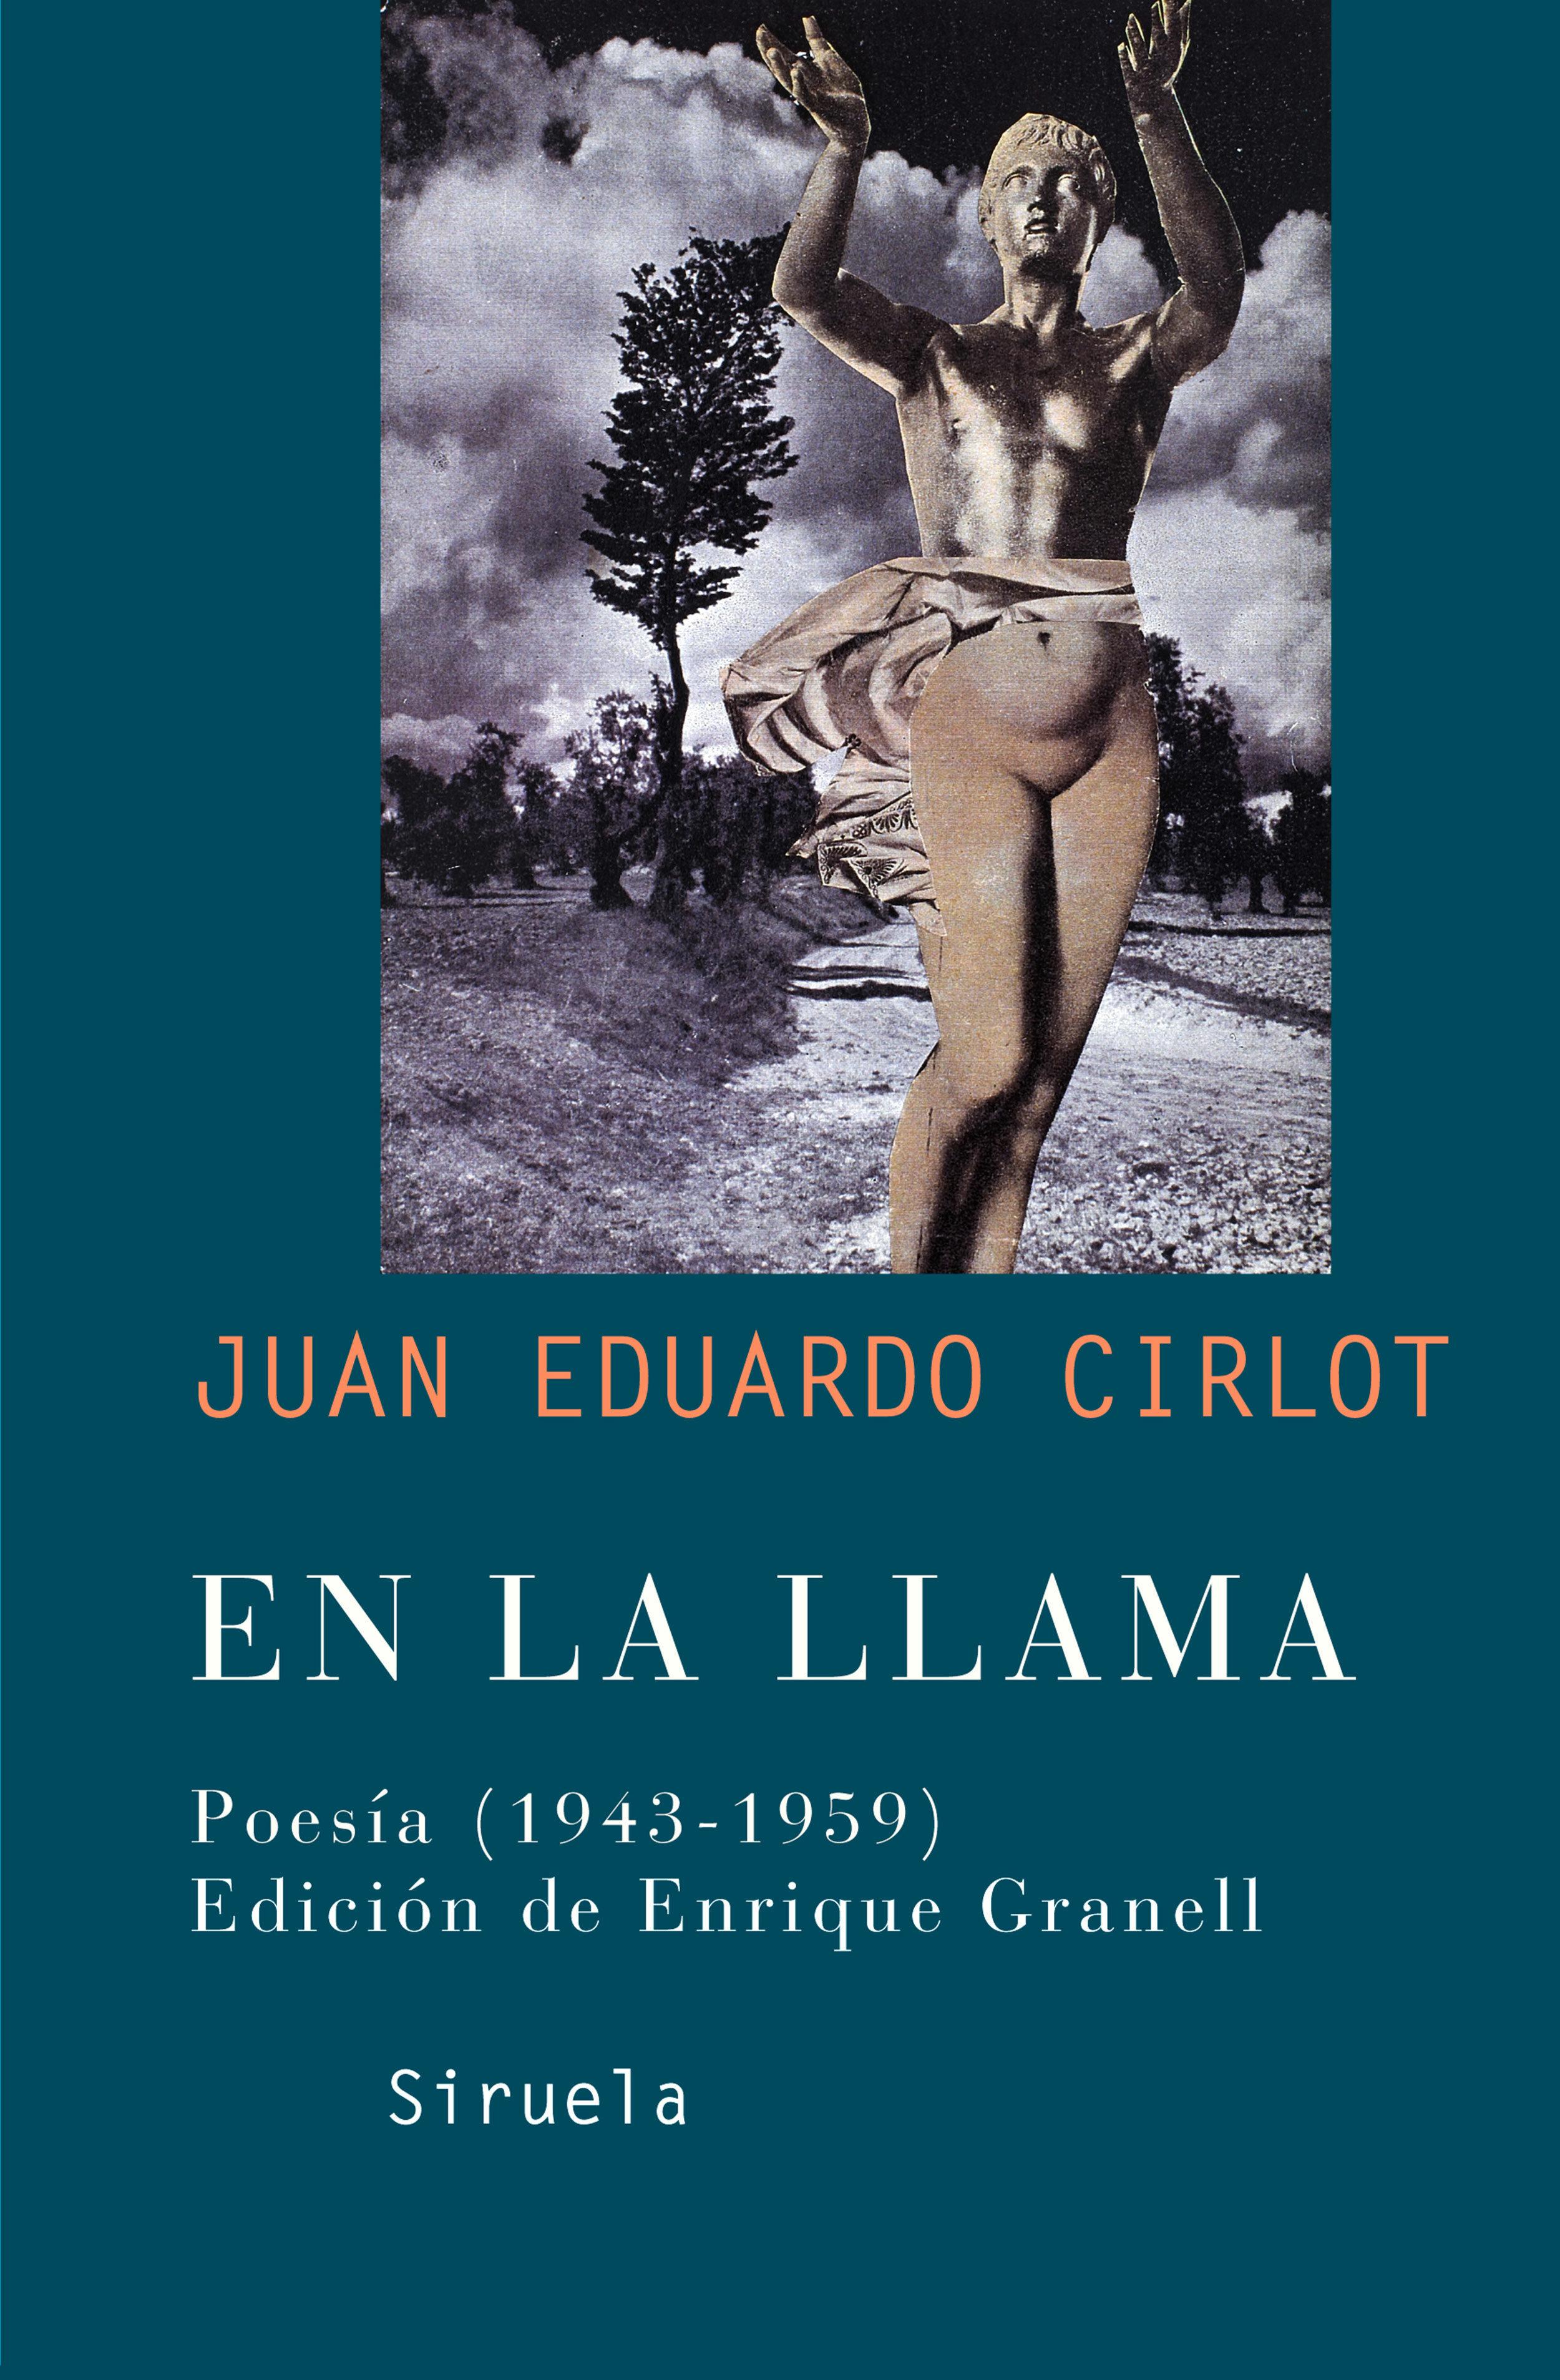 En La Llama: Poesia (1943-1959) por Juan Eduardo Cirlot Laporta Gratis